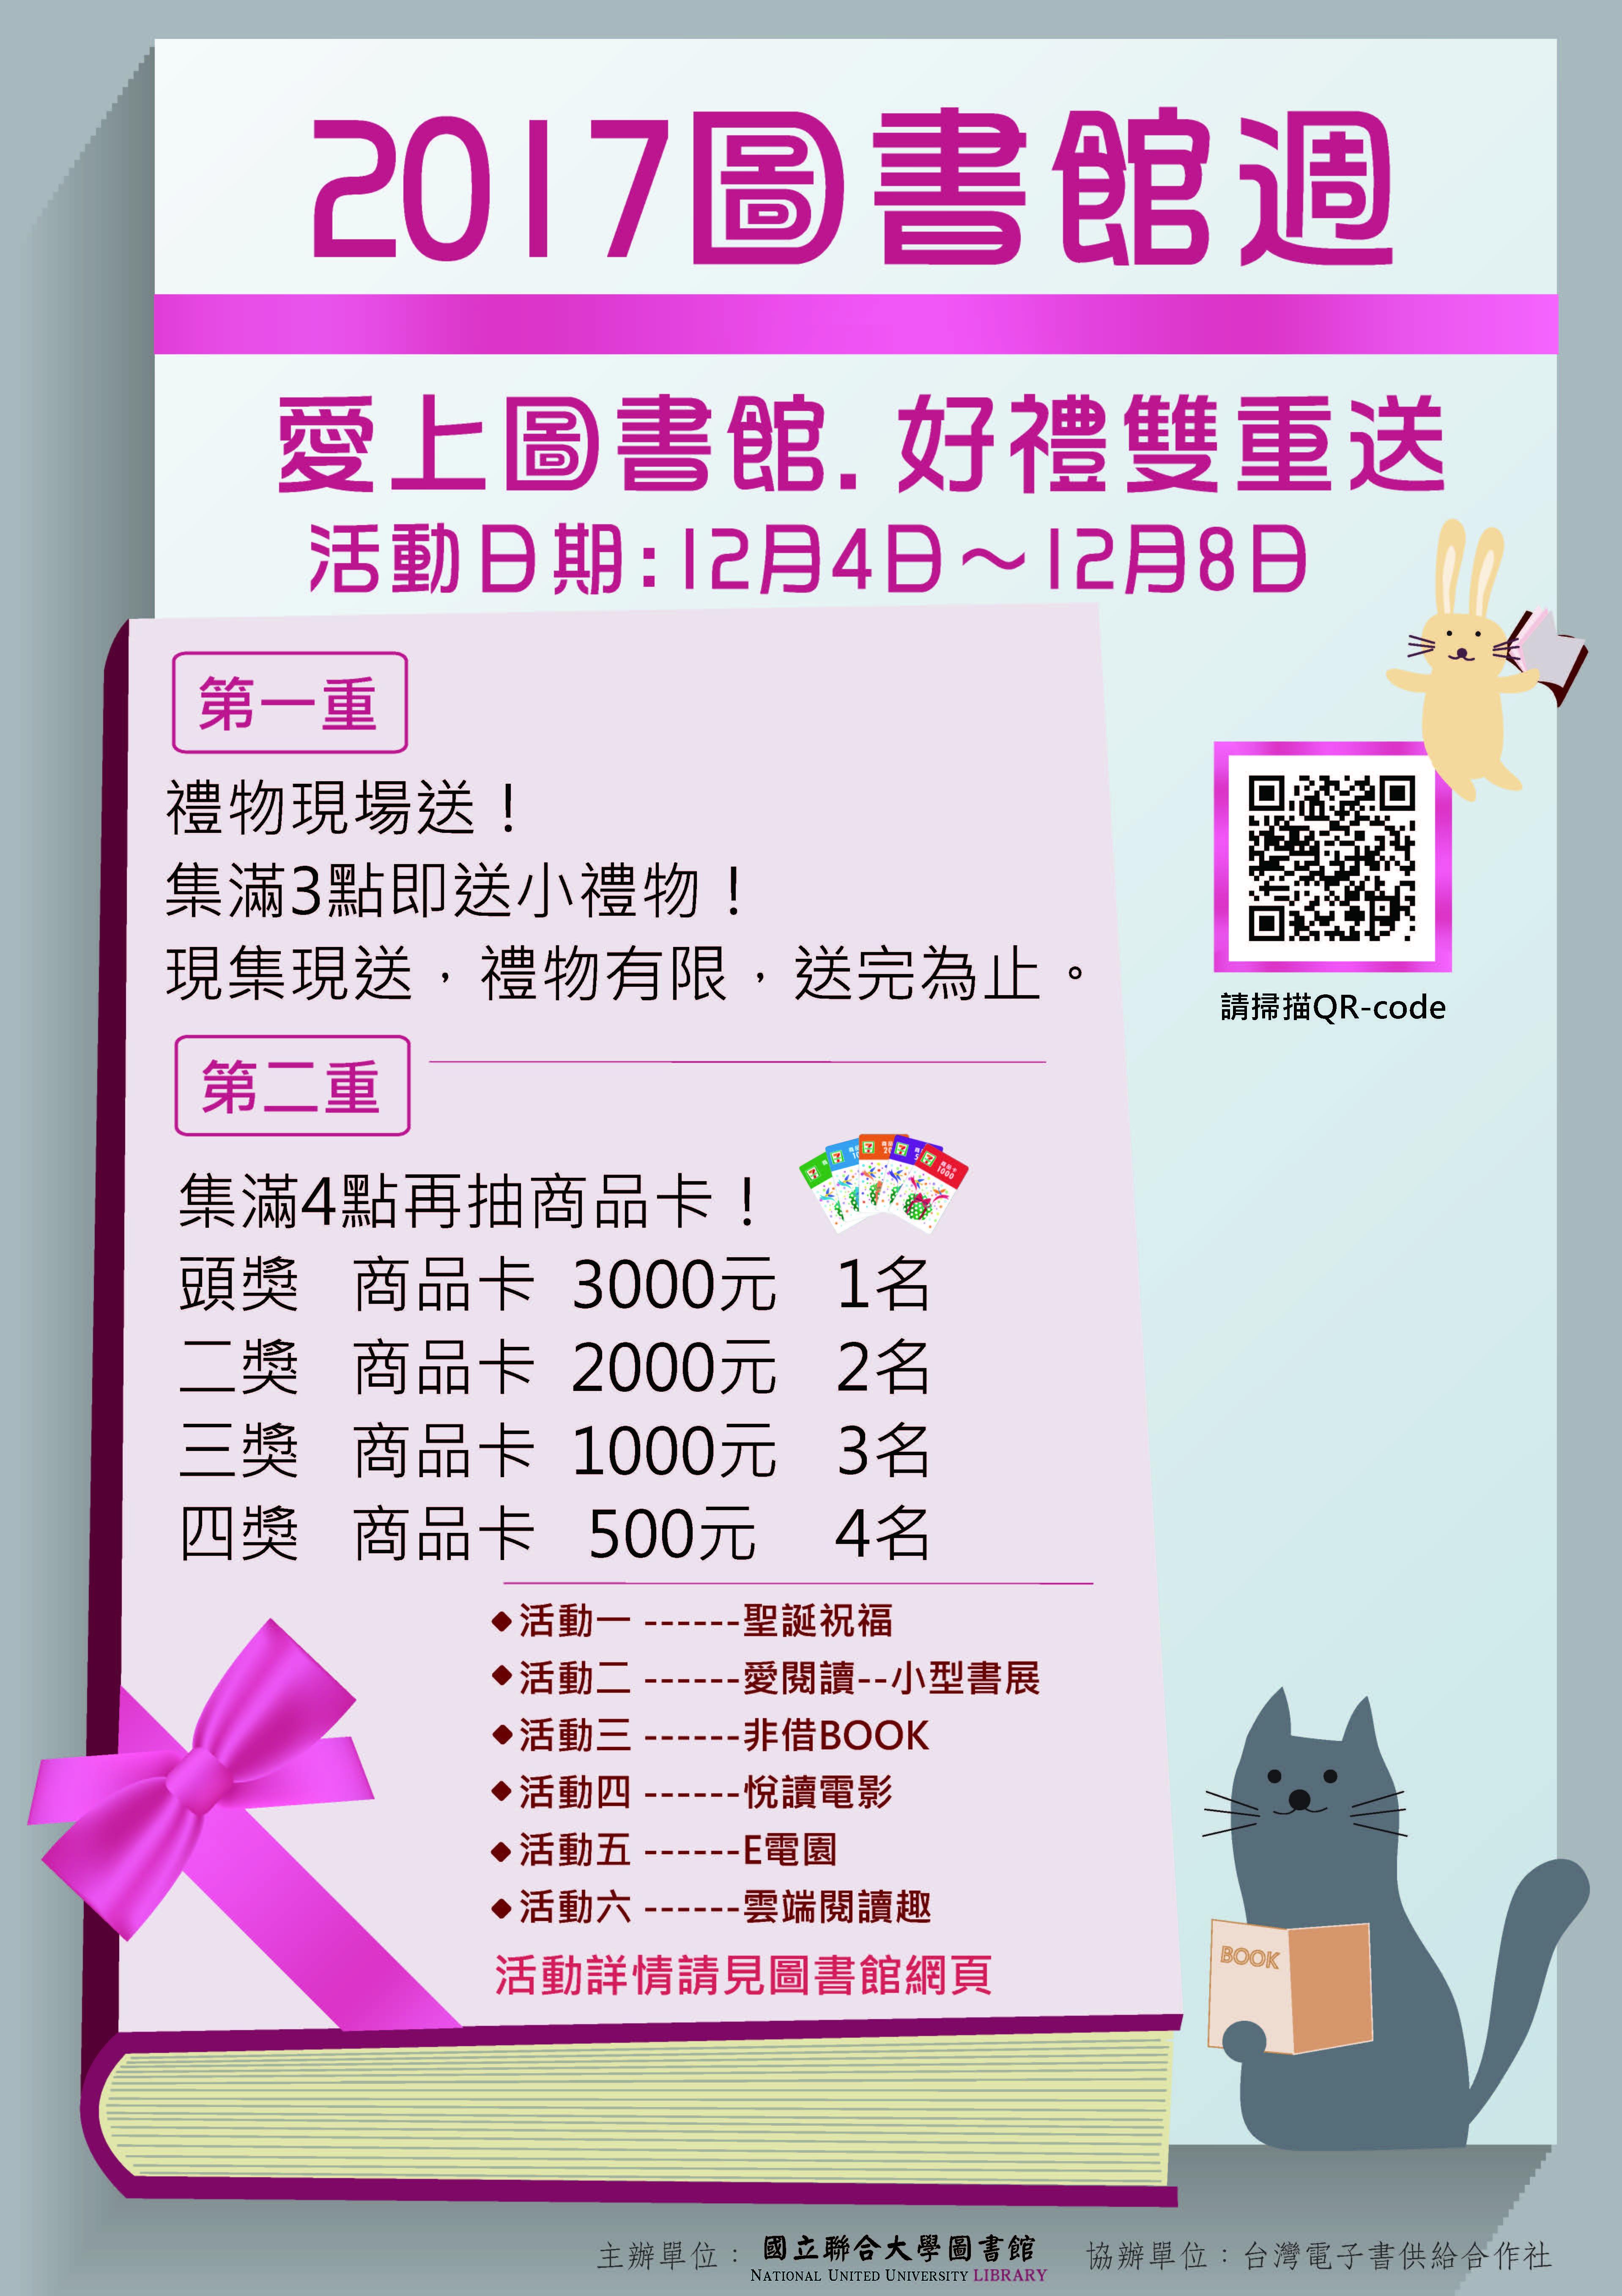 2017 1103圖書館周A1海報-改成商品卡{完成檔}